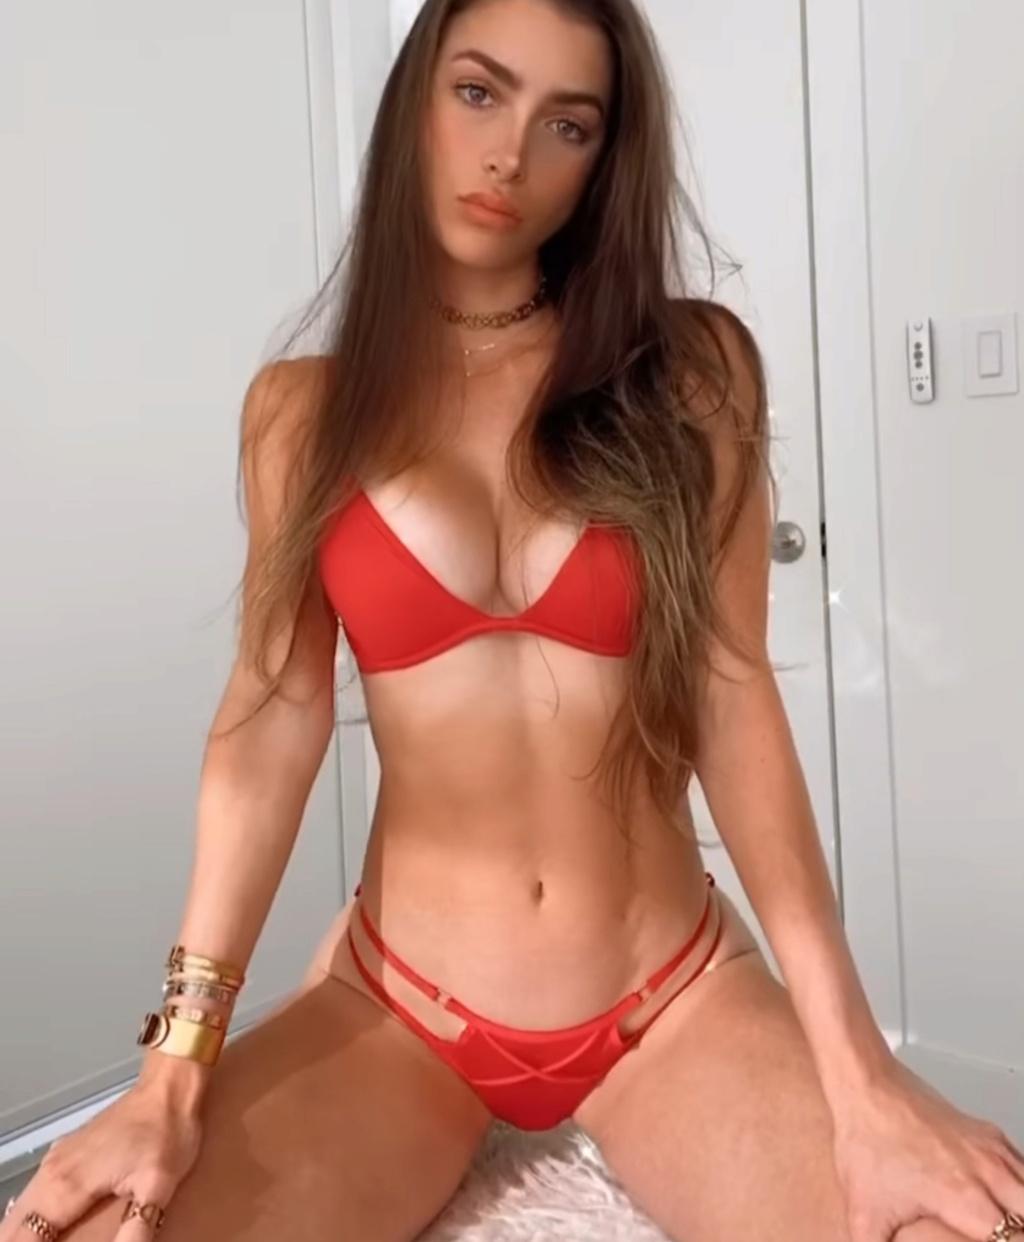 DEBATE sobre belleza, guapura y hermosura (fotos de chicas latinas, mestizas, y de todo) - VOL II - Página 13 20210114